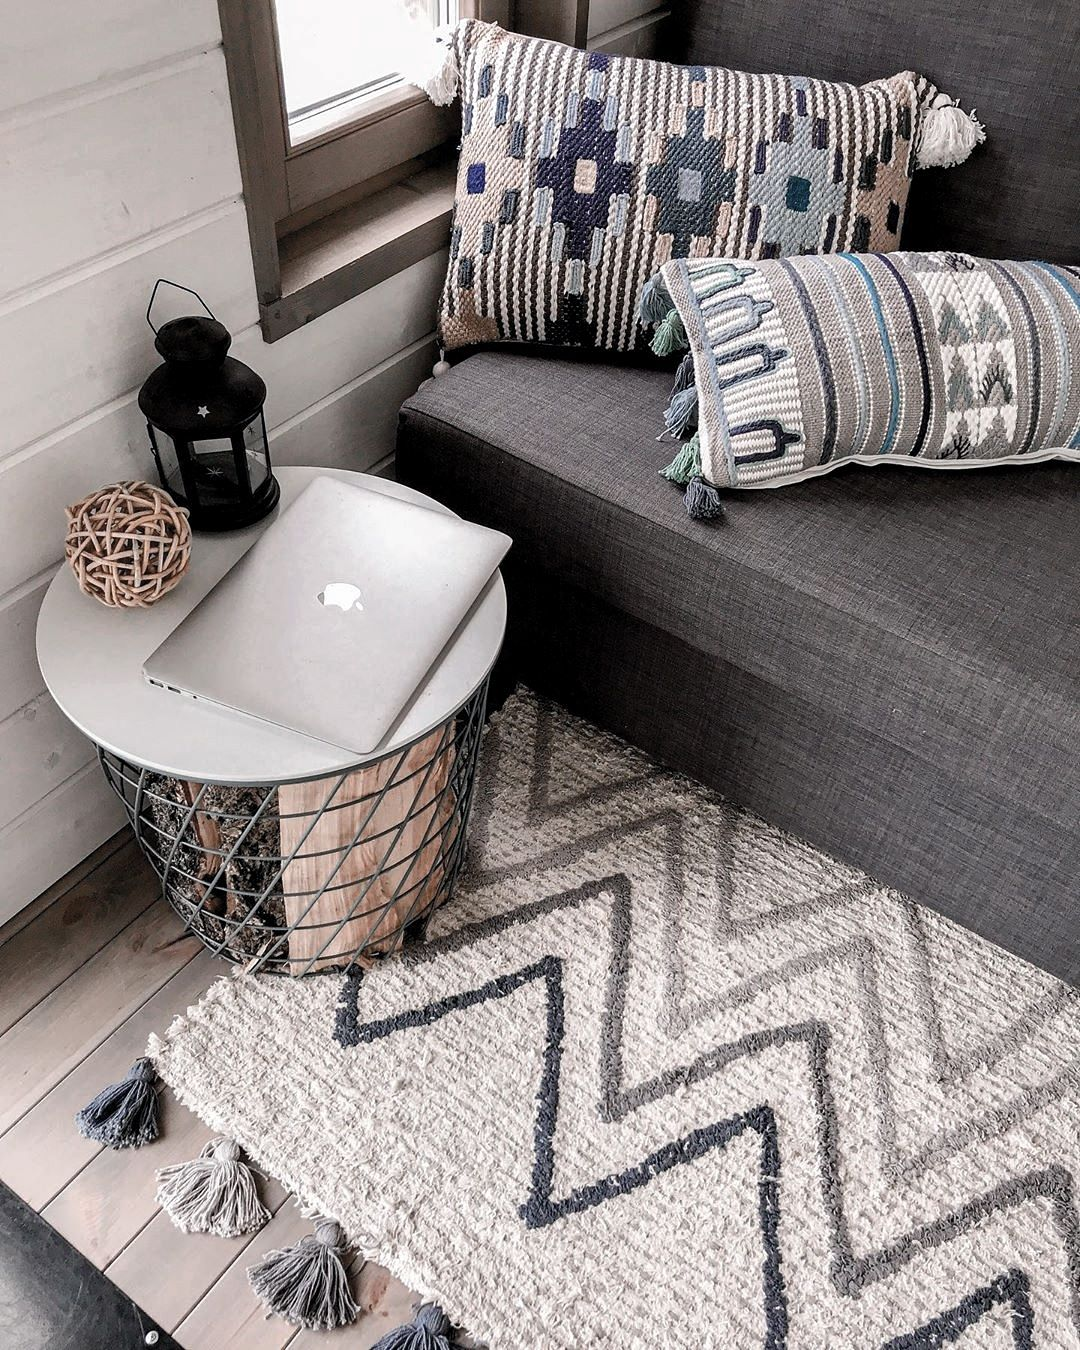 """Дизайнерский текстиль для дома on Instagram: """"❓Нужен ли дома ковер? ⠀ ✨Кто-то считает ковры пережитком прошлого, кто-то — важным элементом в пространстве. А вы что думаете? ⠀ ➡️Нам…"""""""